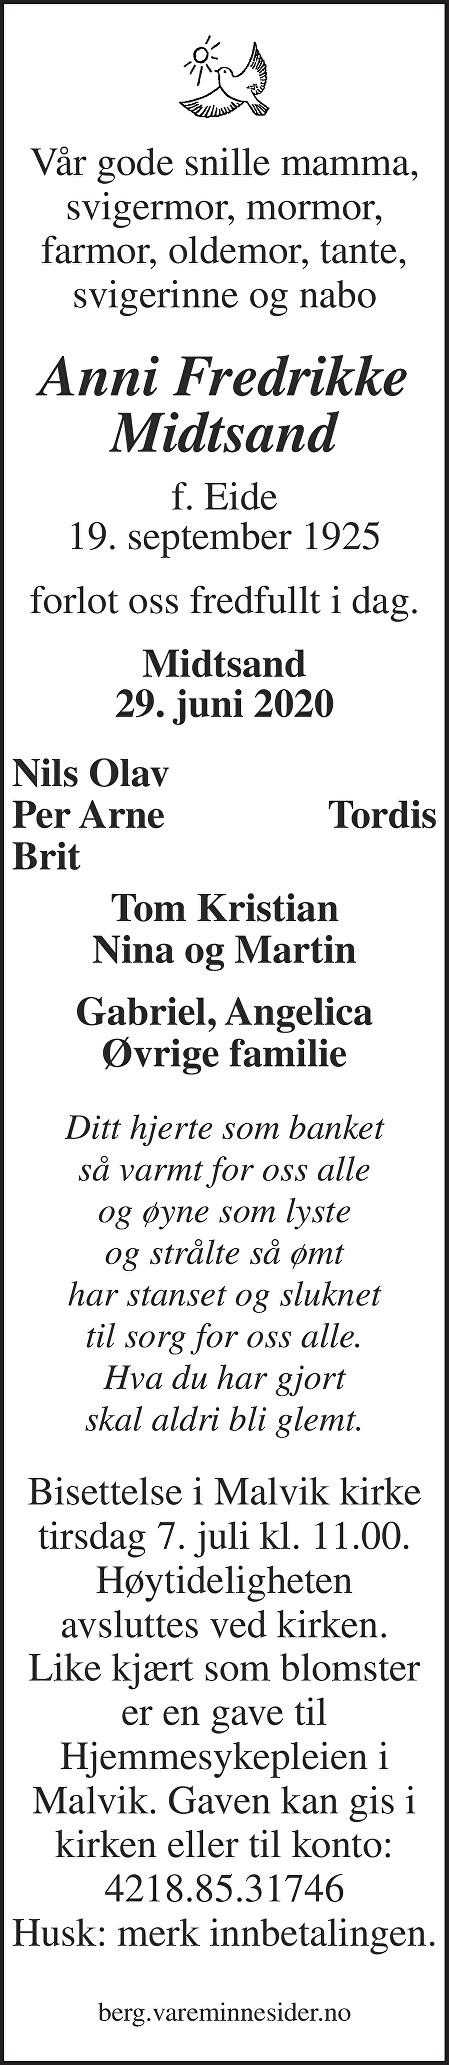 Anni Fredrikke Midtsand Dødsannonse